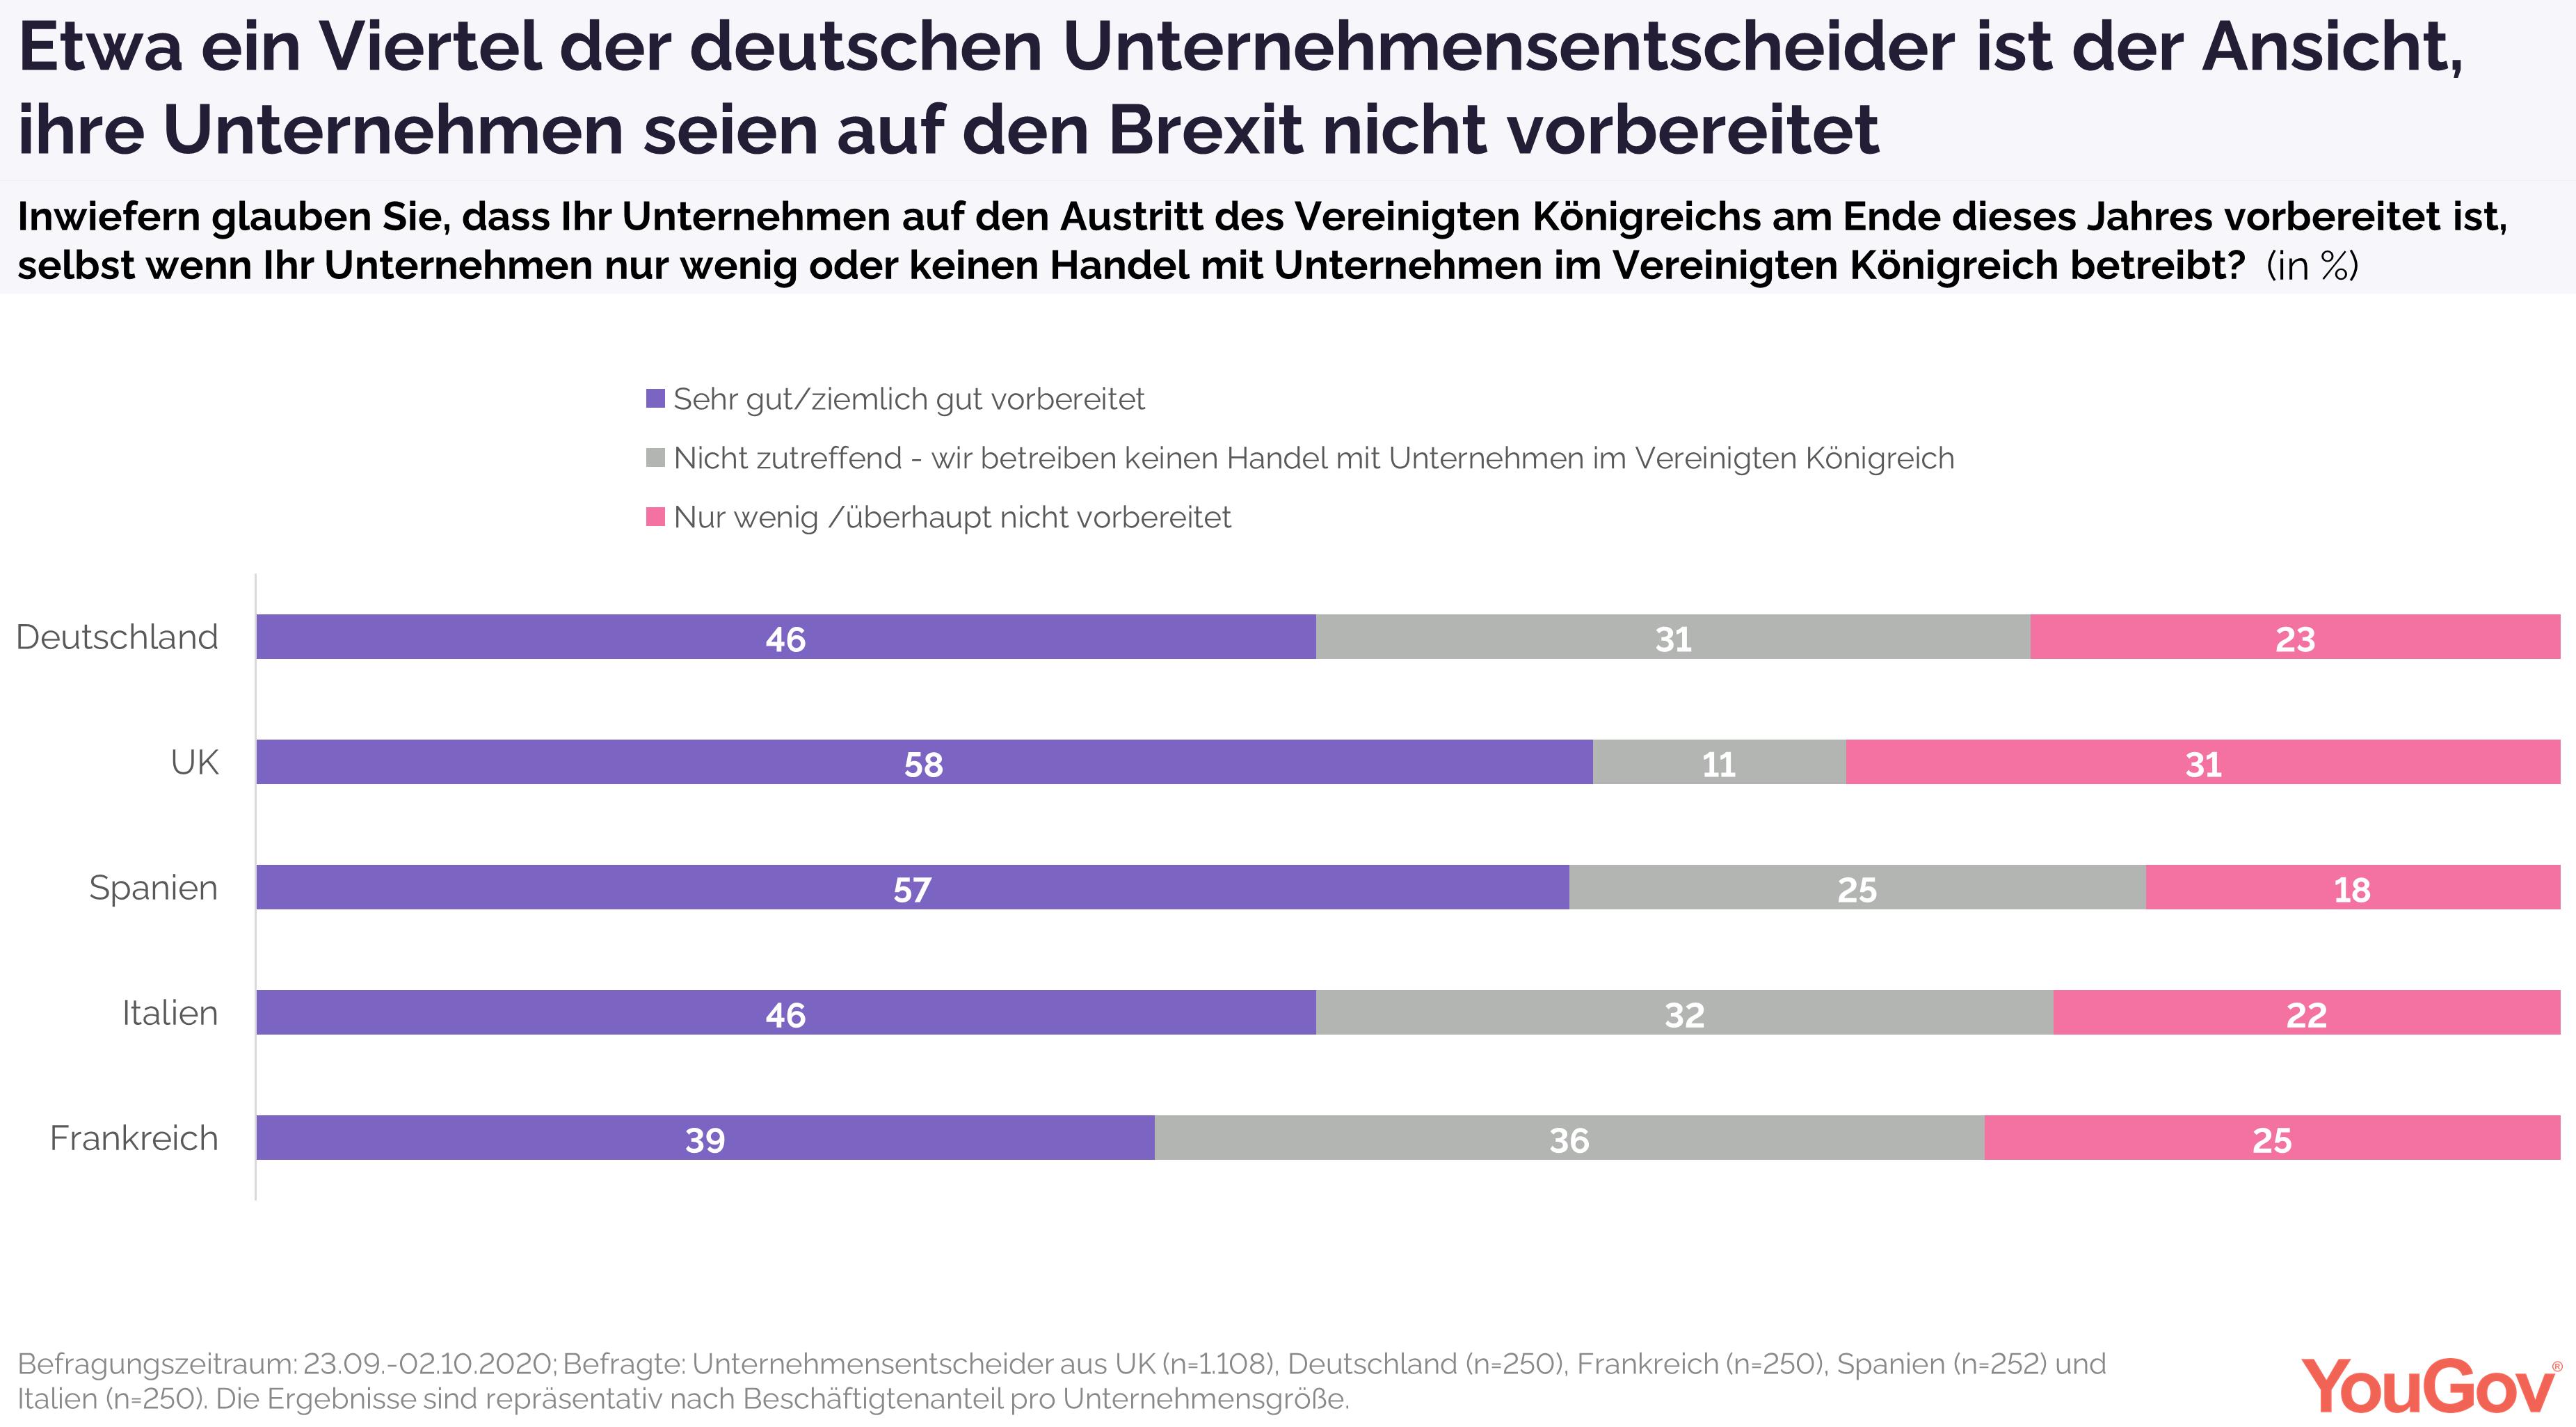 Etwa ein Viertel der deutschen Unternehmensentscheider fühlt sich nicht auf den Brexit vorbereitet